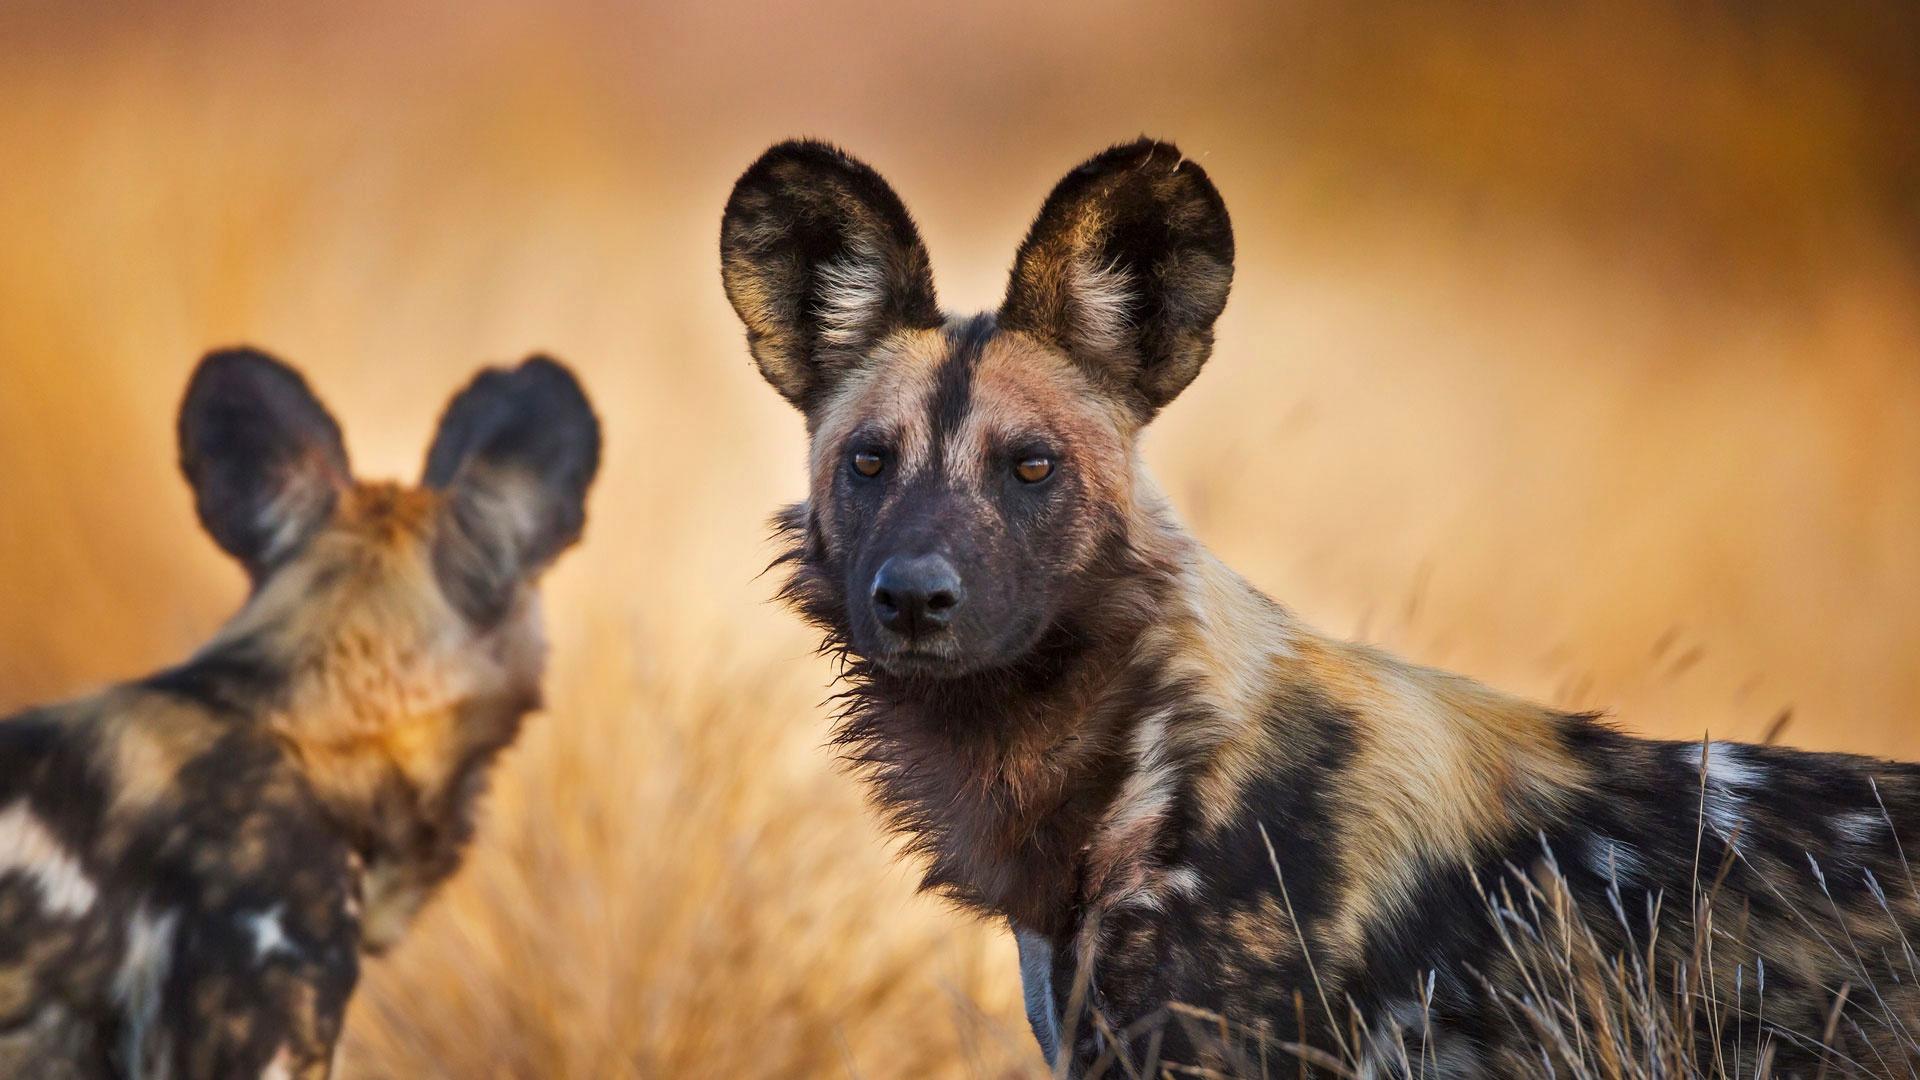 Гиеновые собаки: охота и соперничество с гиенами. Фото и видео животных